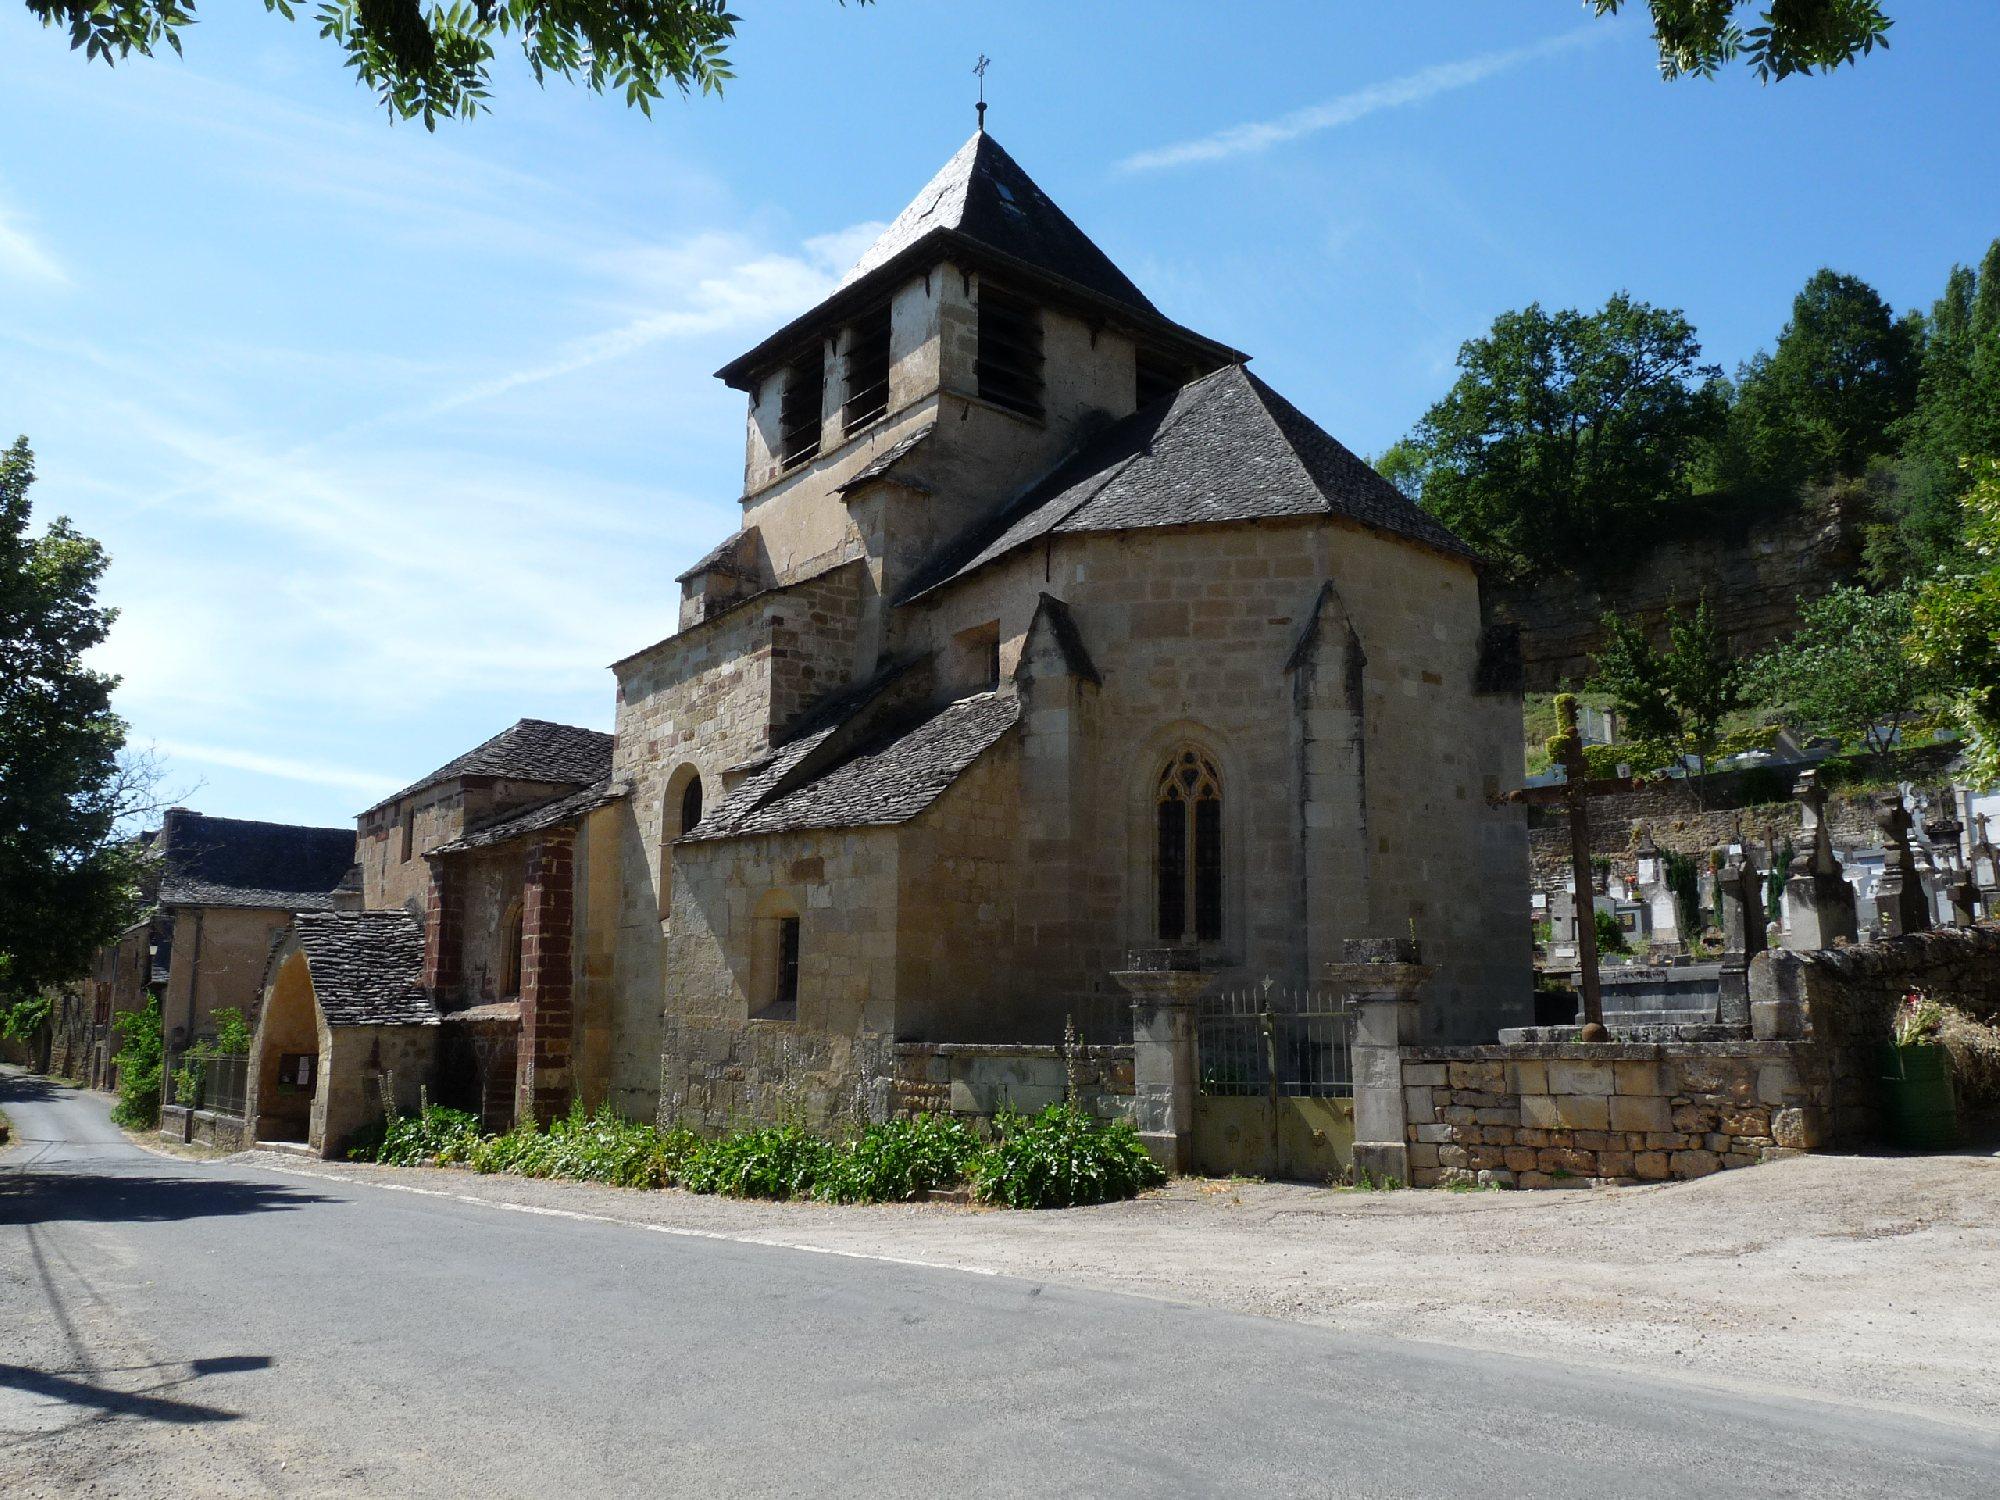 Eglise romane de St Austremoine